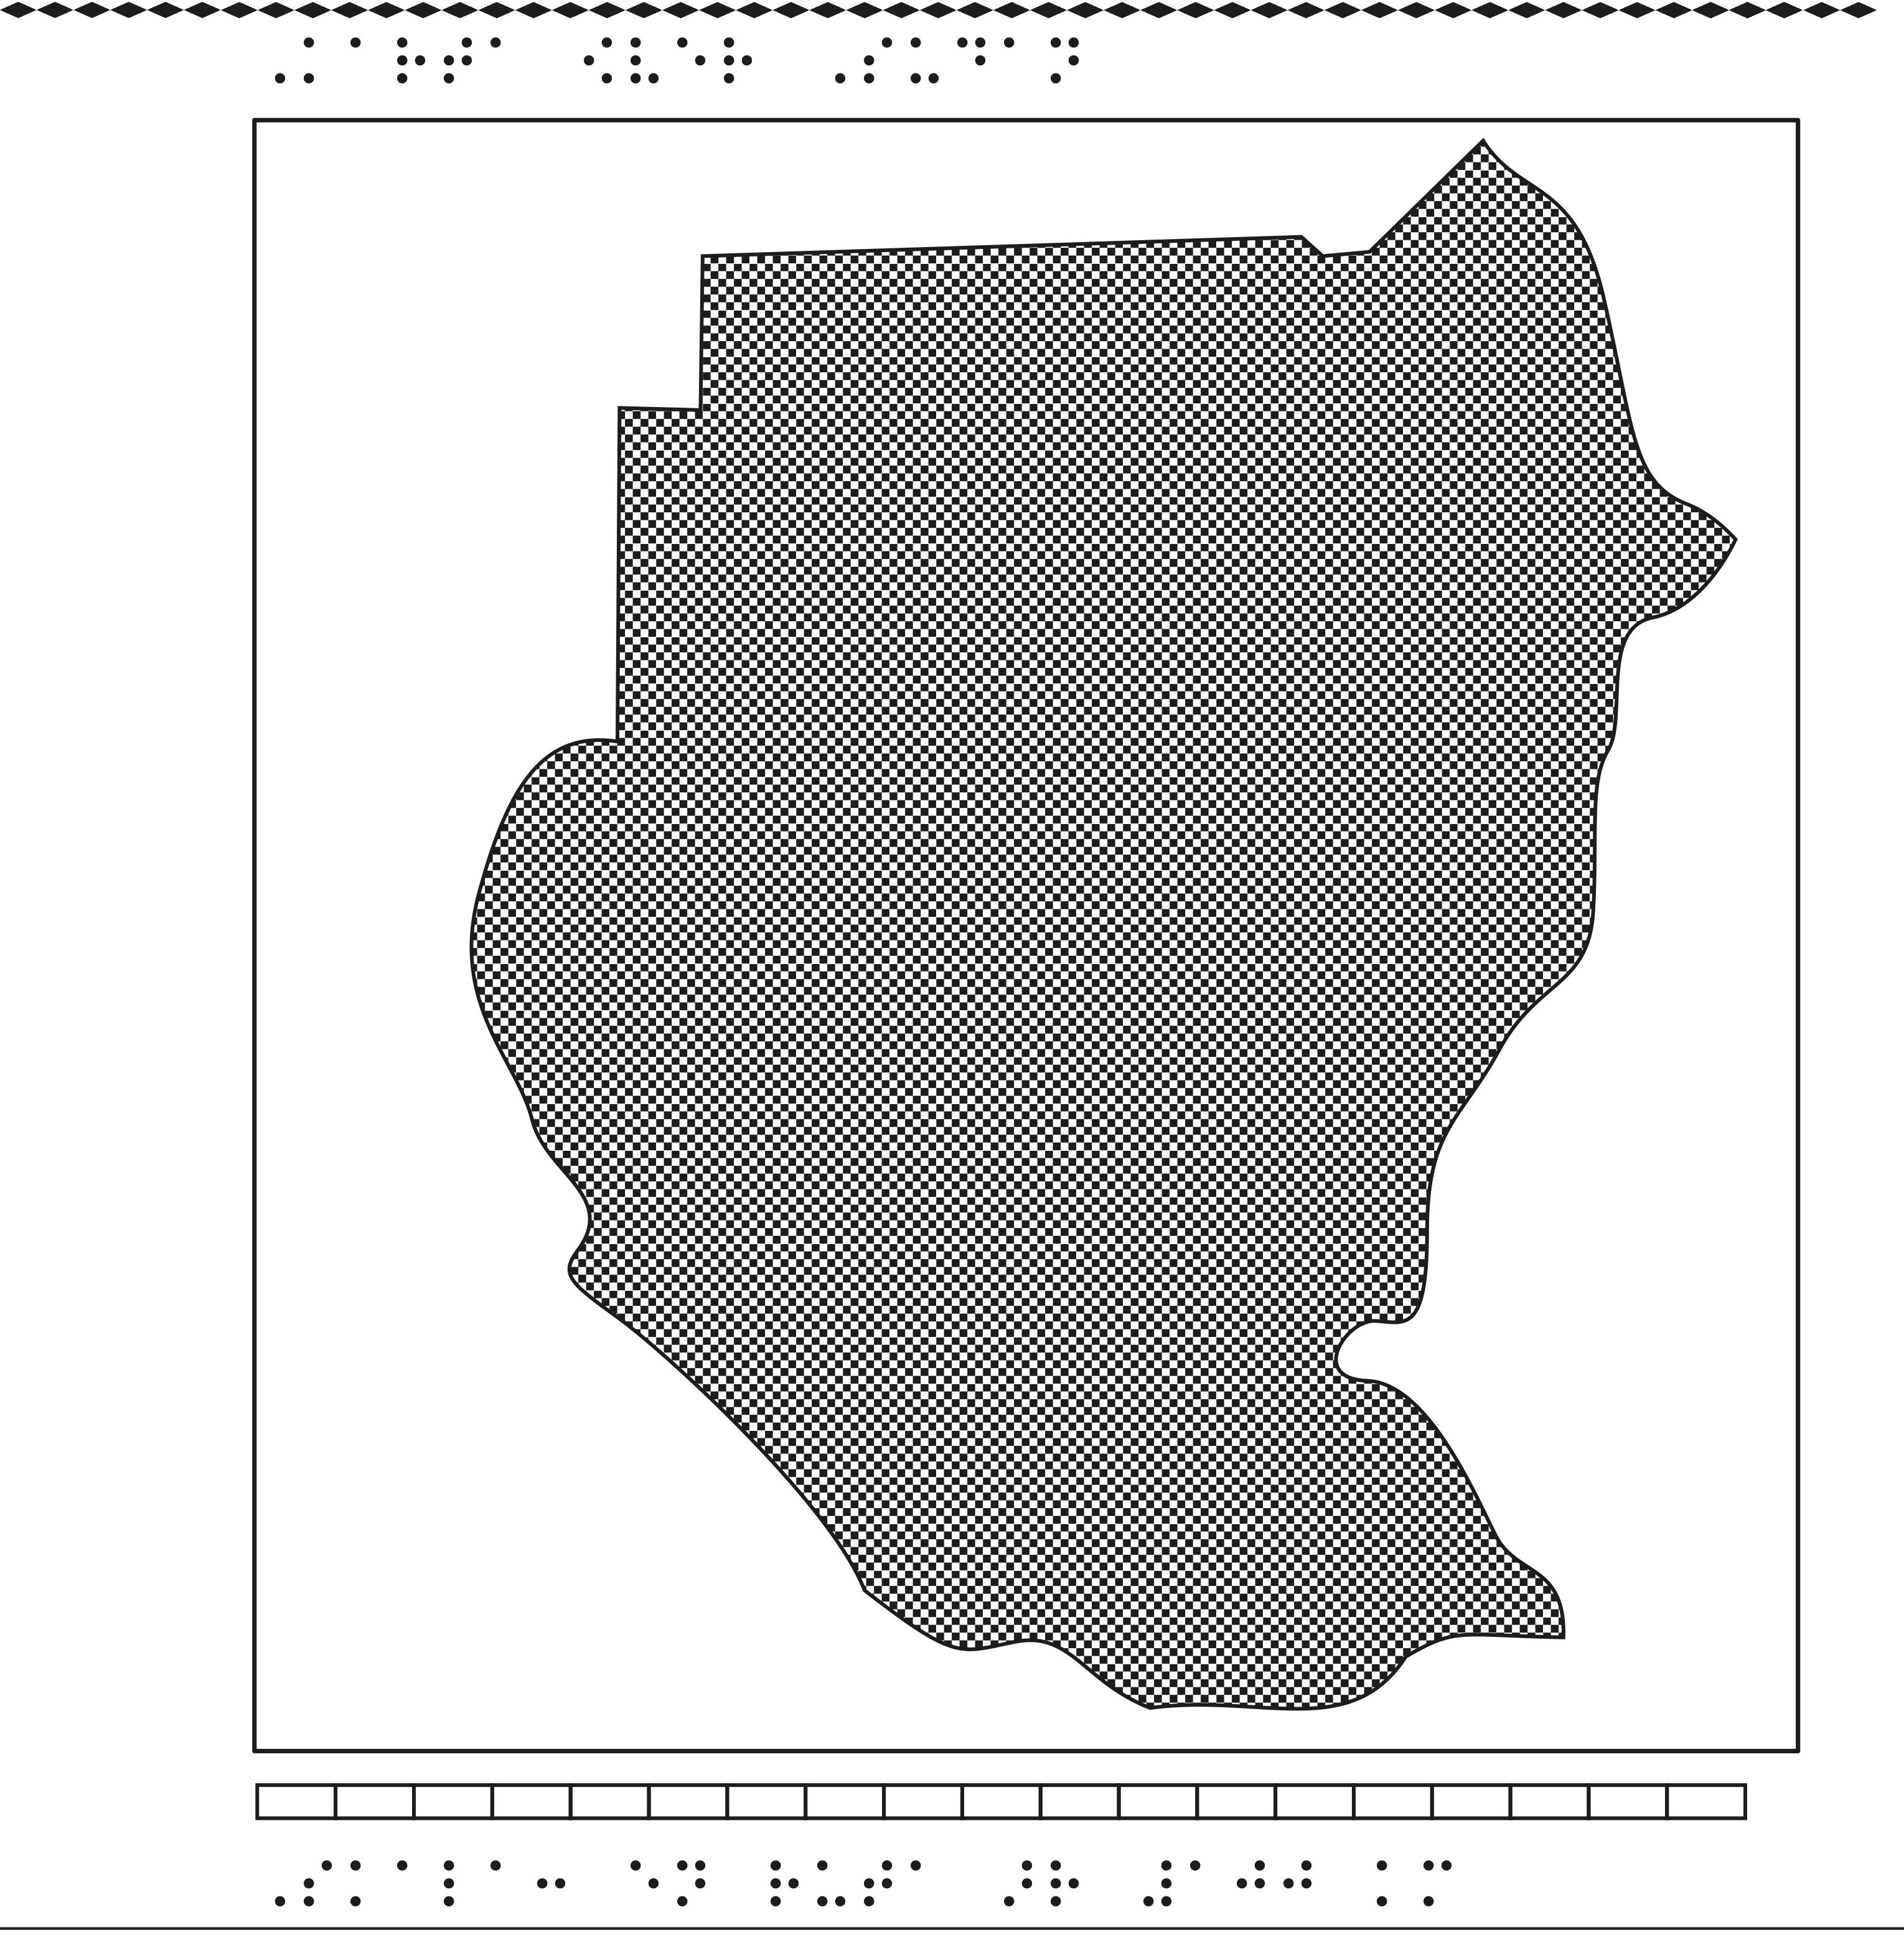 Karta över Sudan.